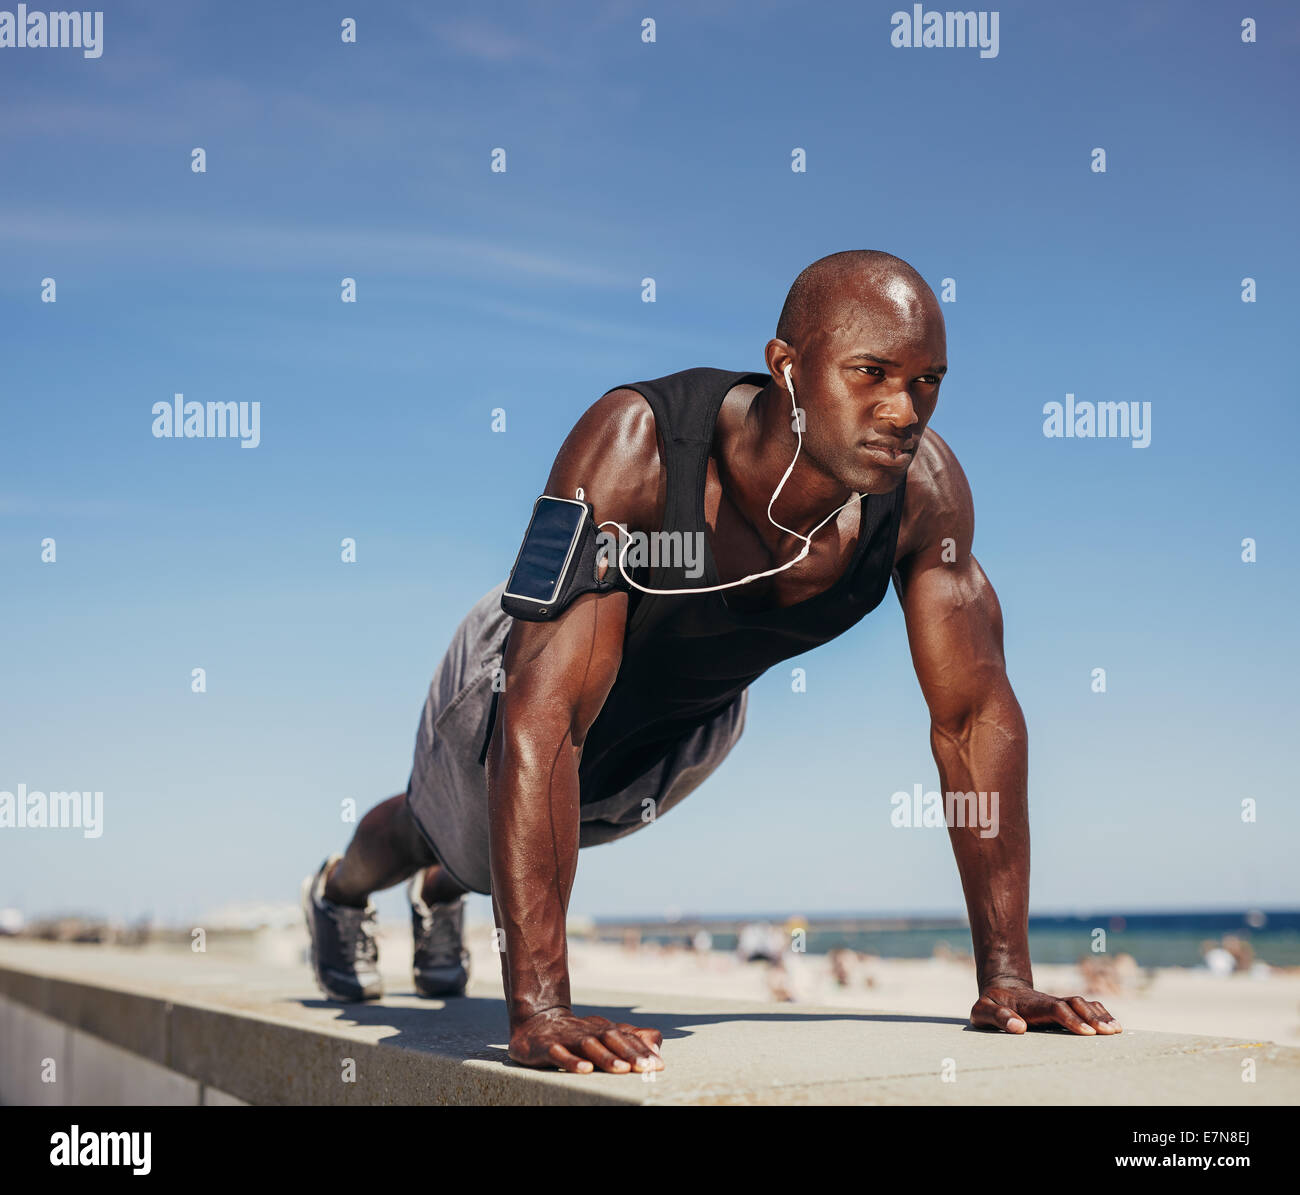 Uomo muscolare facendo ups di spinta contro il cielo blu. Forte atleta maschio che lavora fuori all'aperto. Immagini Stock